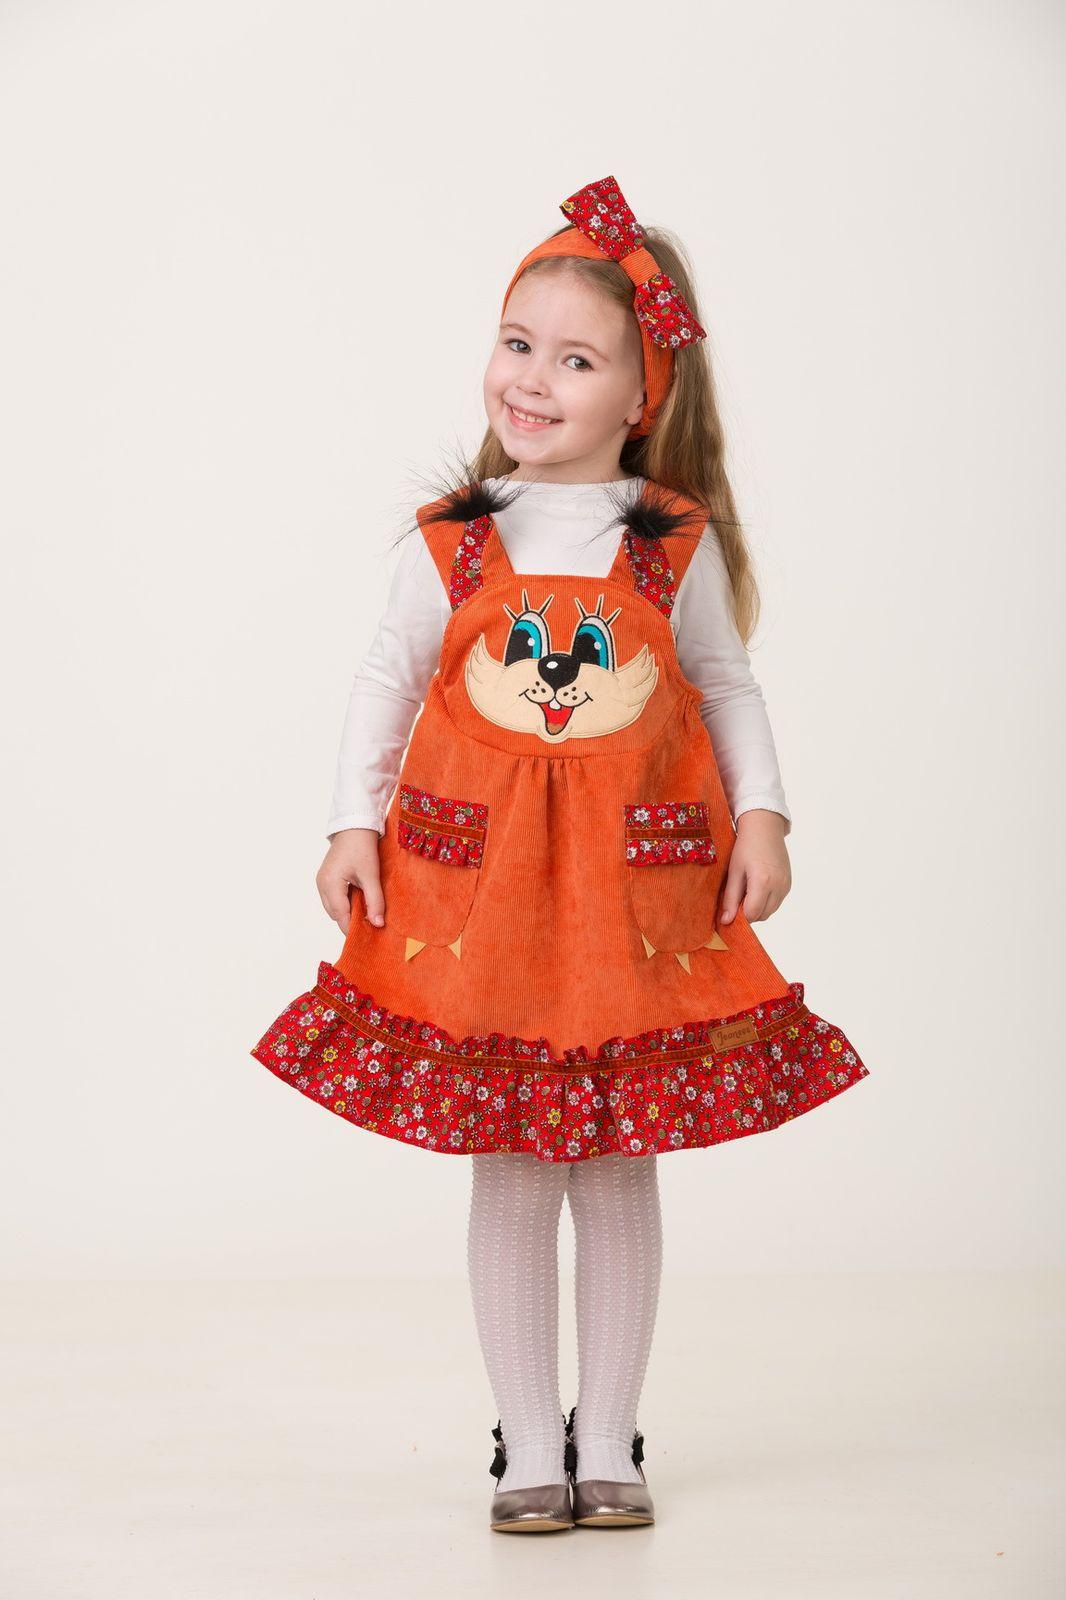 Карнавальный костюм Jeanees Белочка Венди, цвет: оранжевый. Размер: 24 карнавальный костюм jeanees мышонок масик цвет серый размер 24